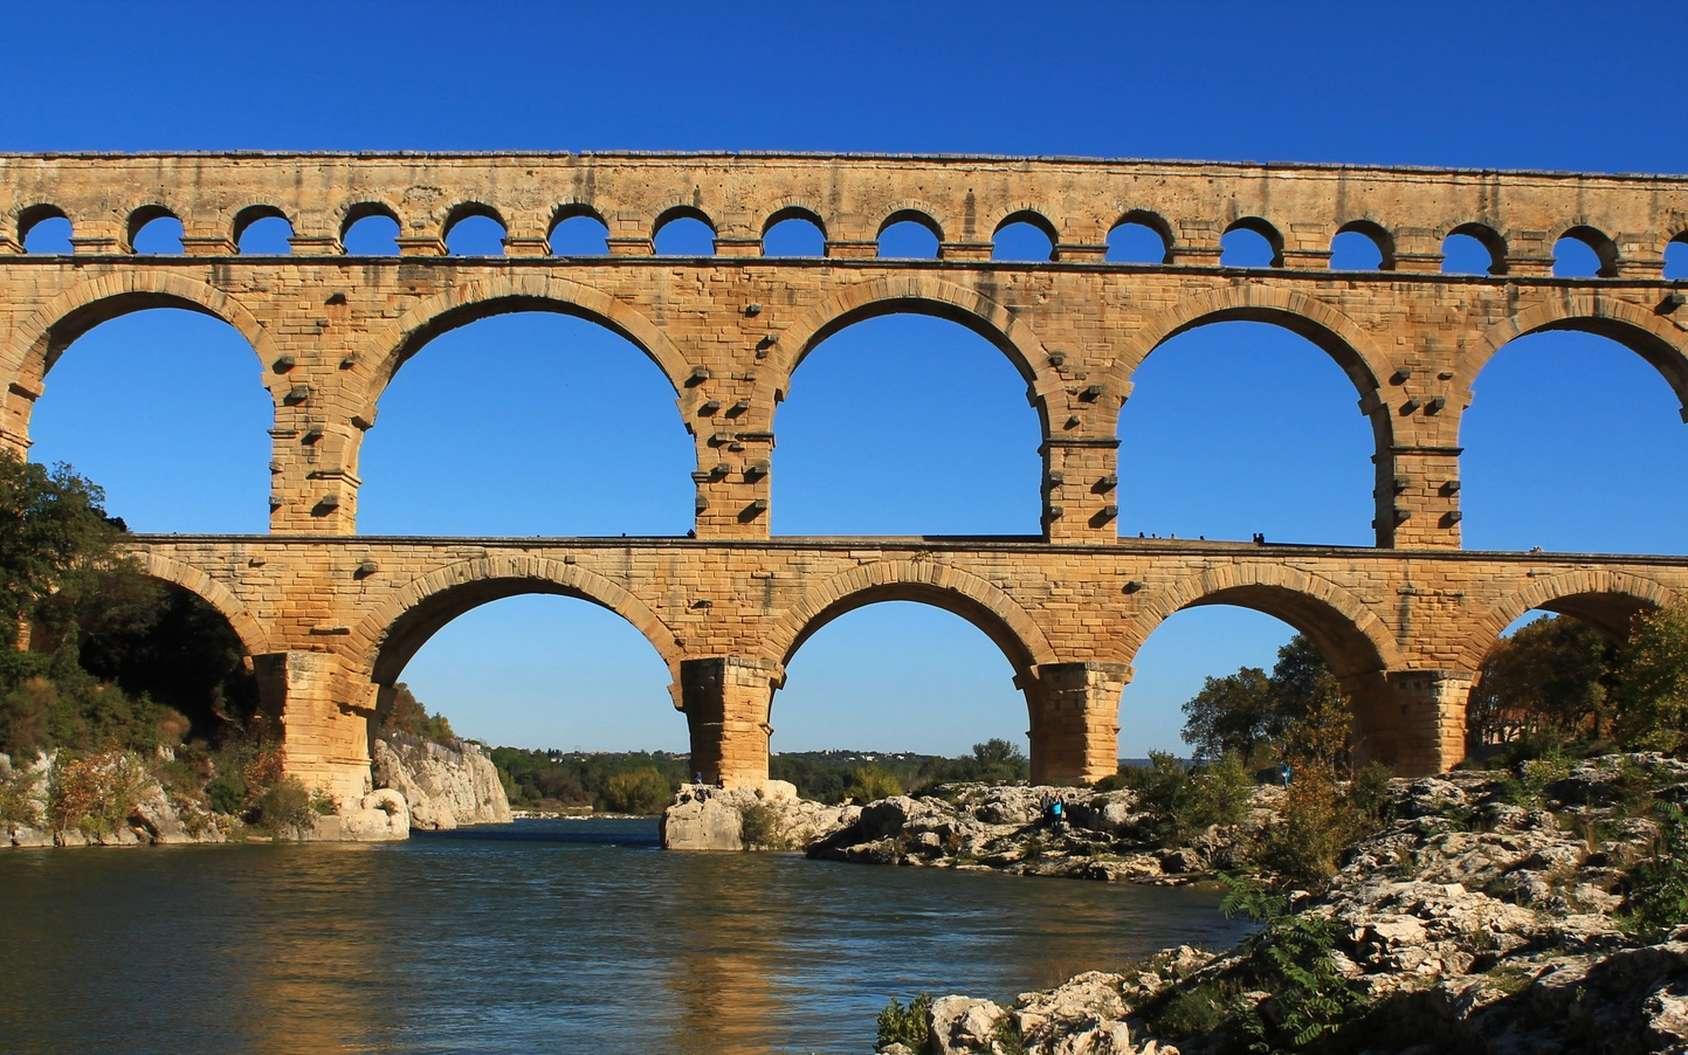 Vue d'ensemble du pont du Gard, aqueduc à trois niveaux bâti par les Romains au milieu du Ier siècle de notre ère. © Marine26, Fotolia2.0